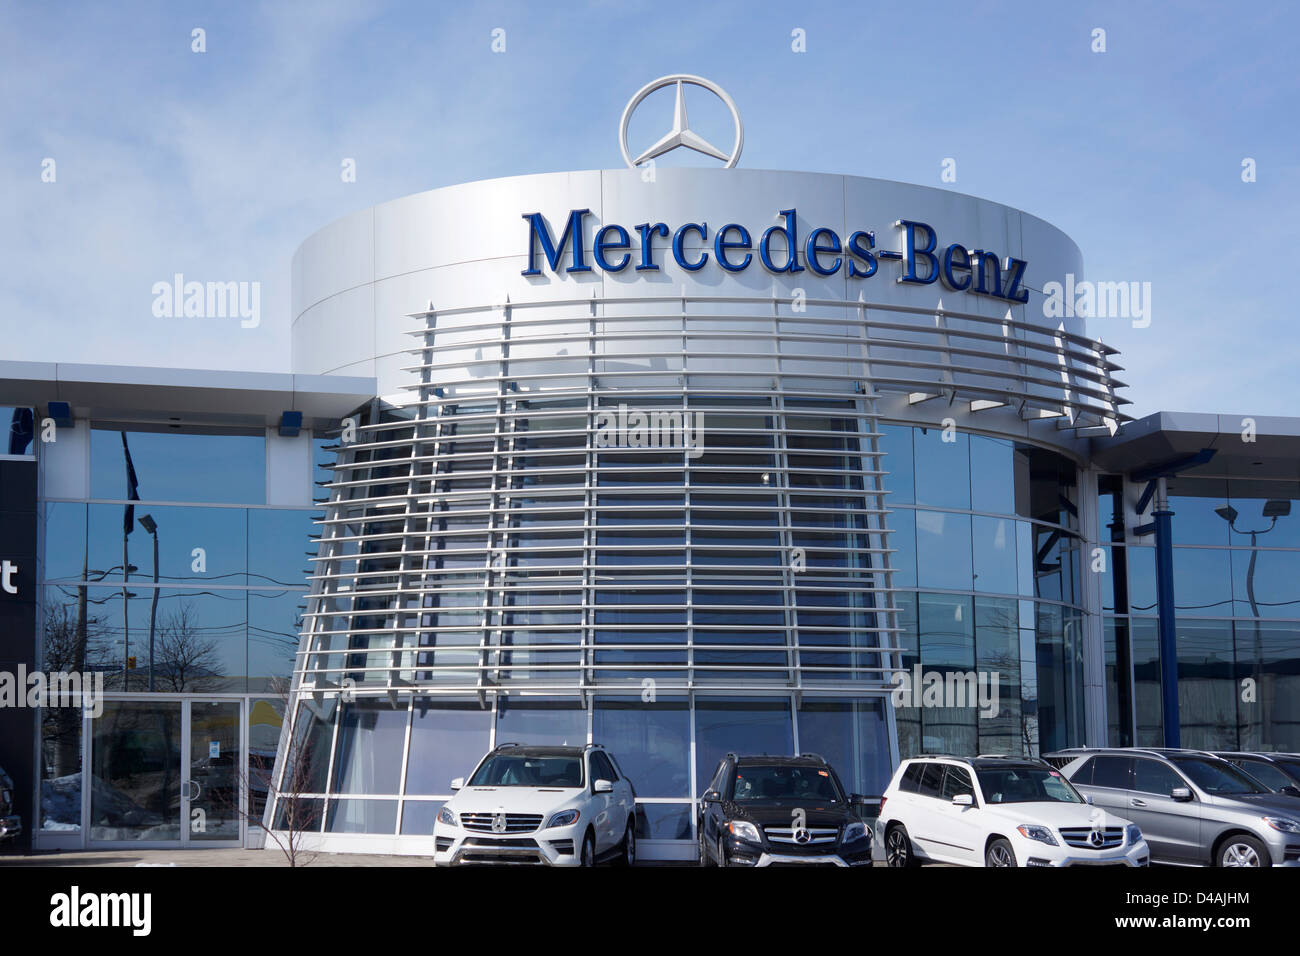 Mercedes Benz Dealership >> Mercedes Benz Dealership Ontario Canada Stock Photo 54323856 Alamy